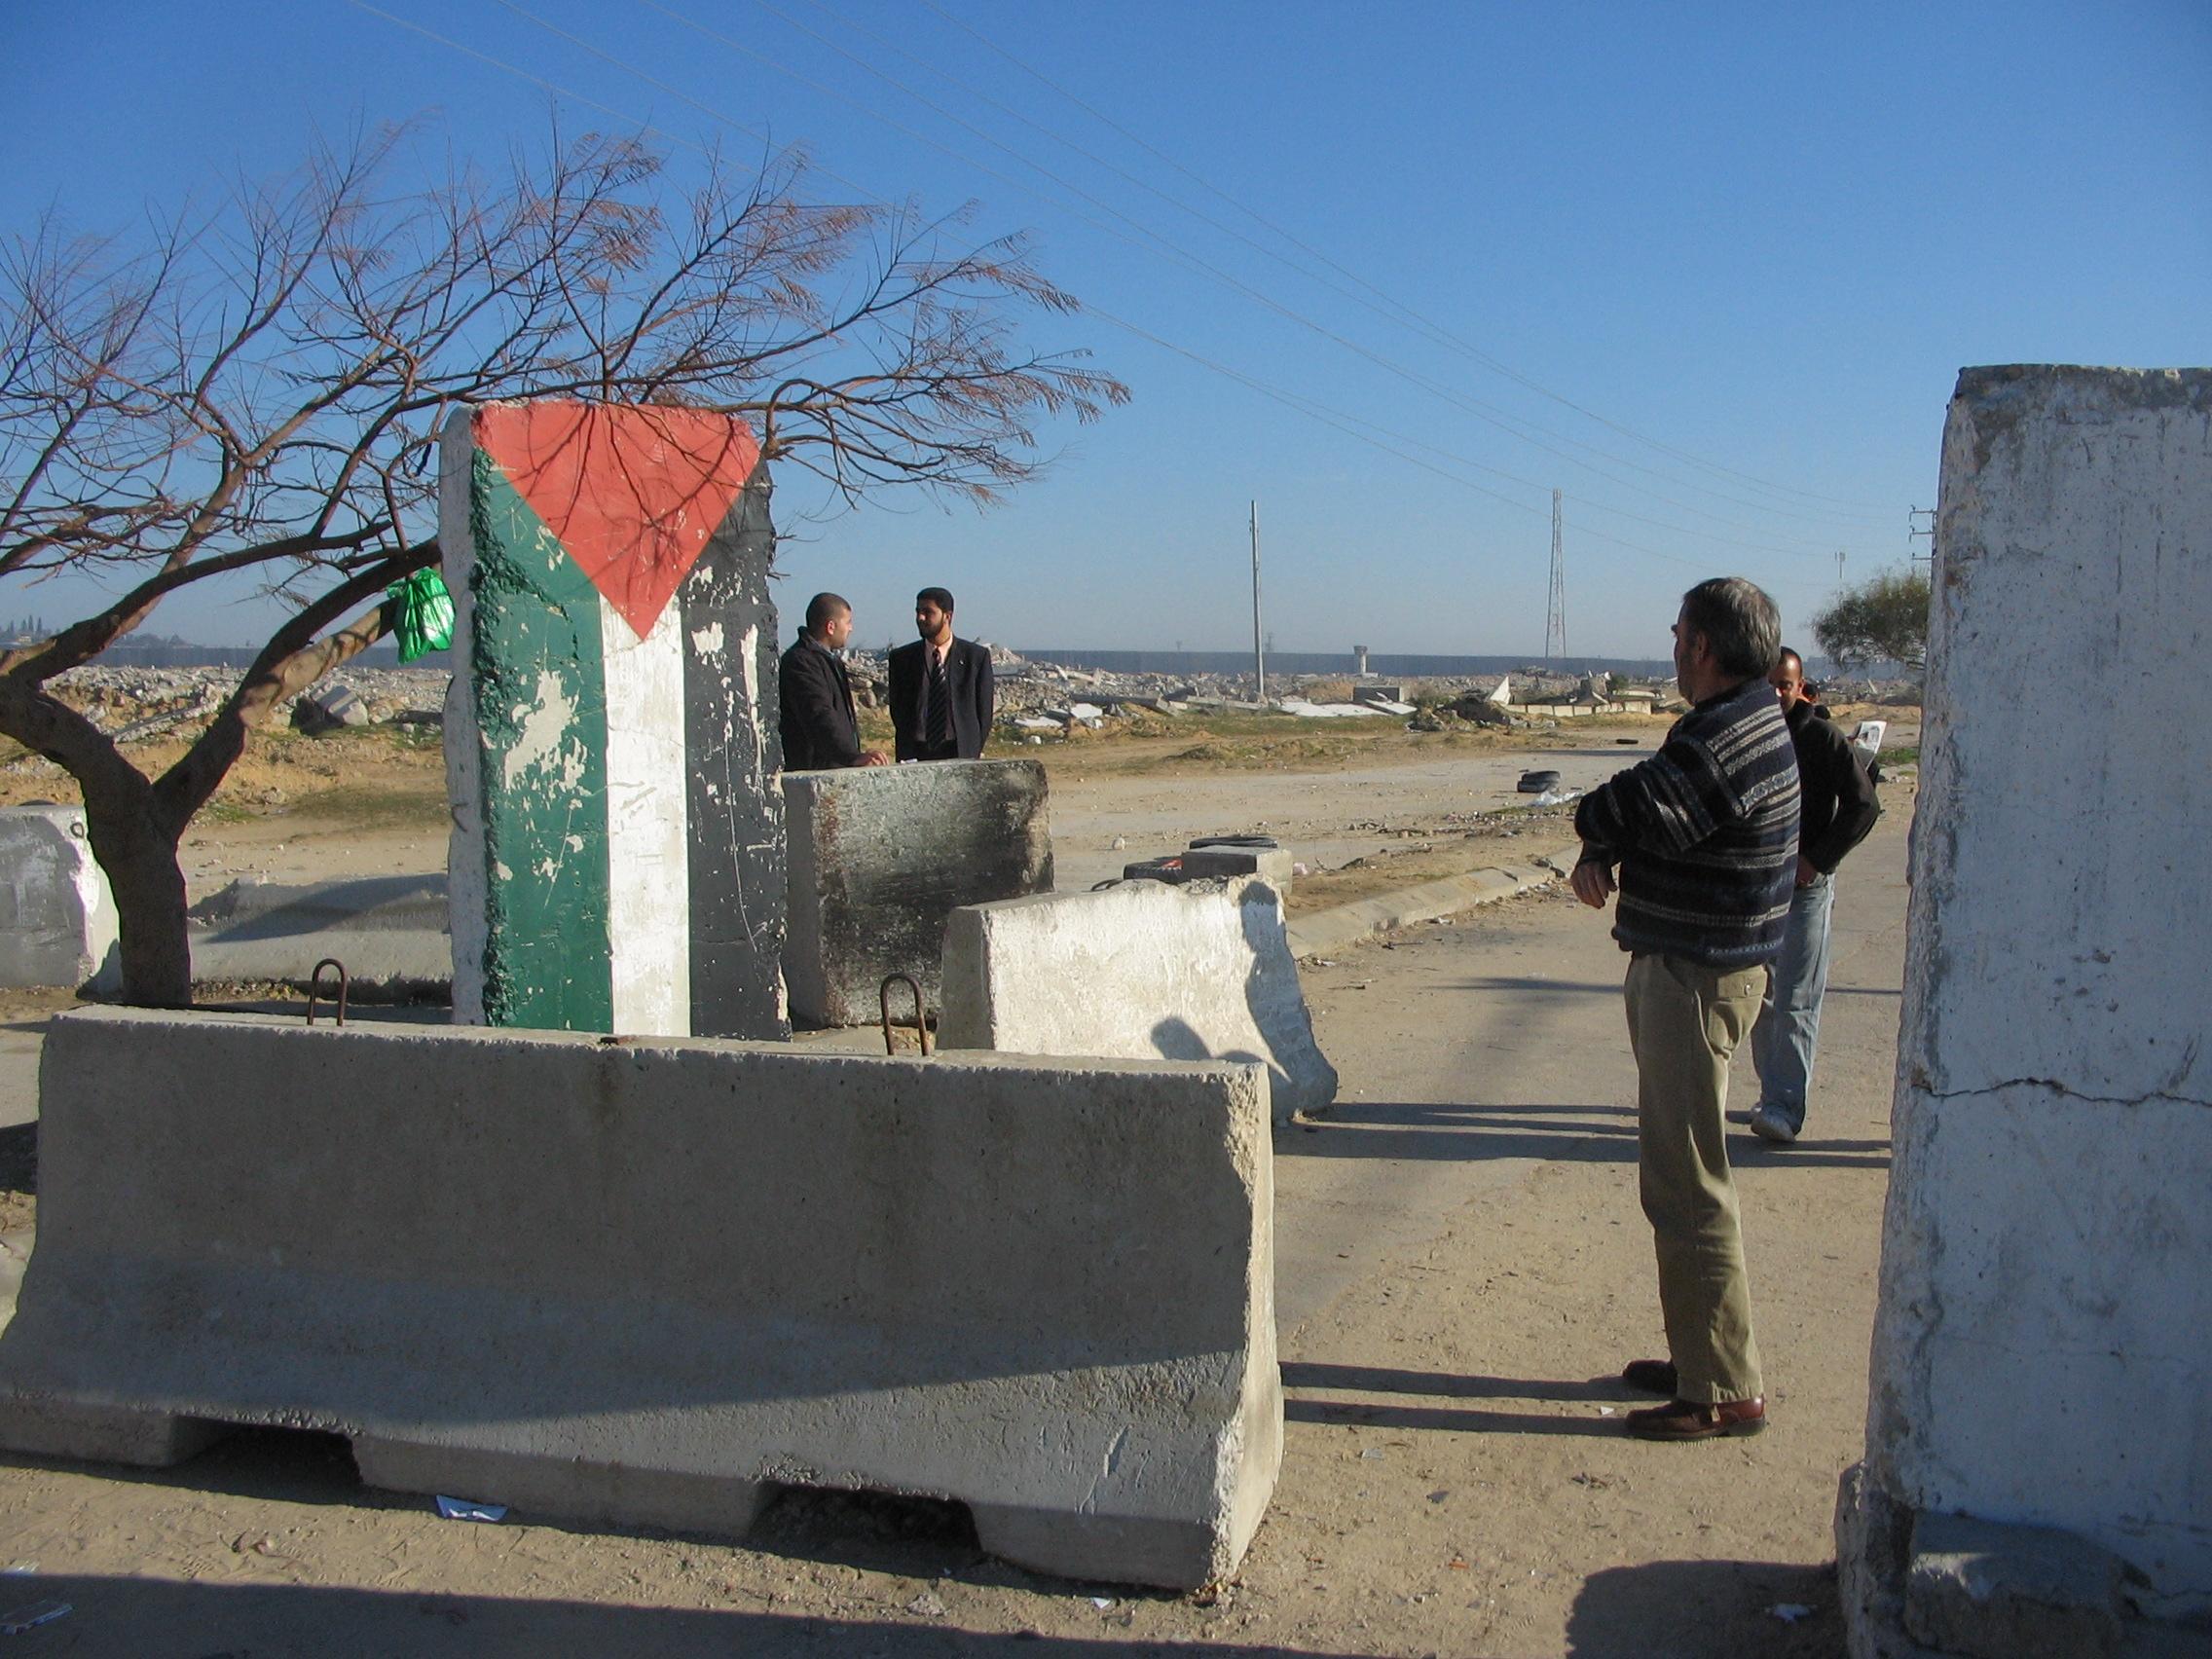 Intervención de emergencia para la continuidad de la atención sanitaria en la Franja de Gaza